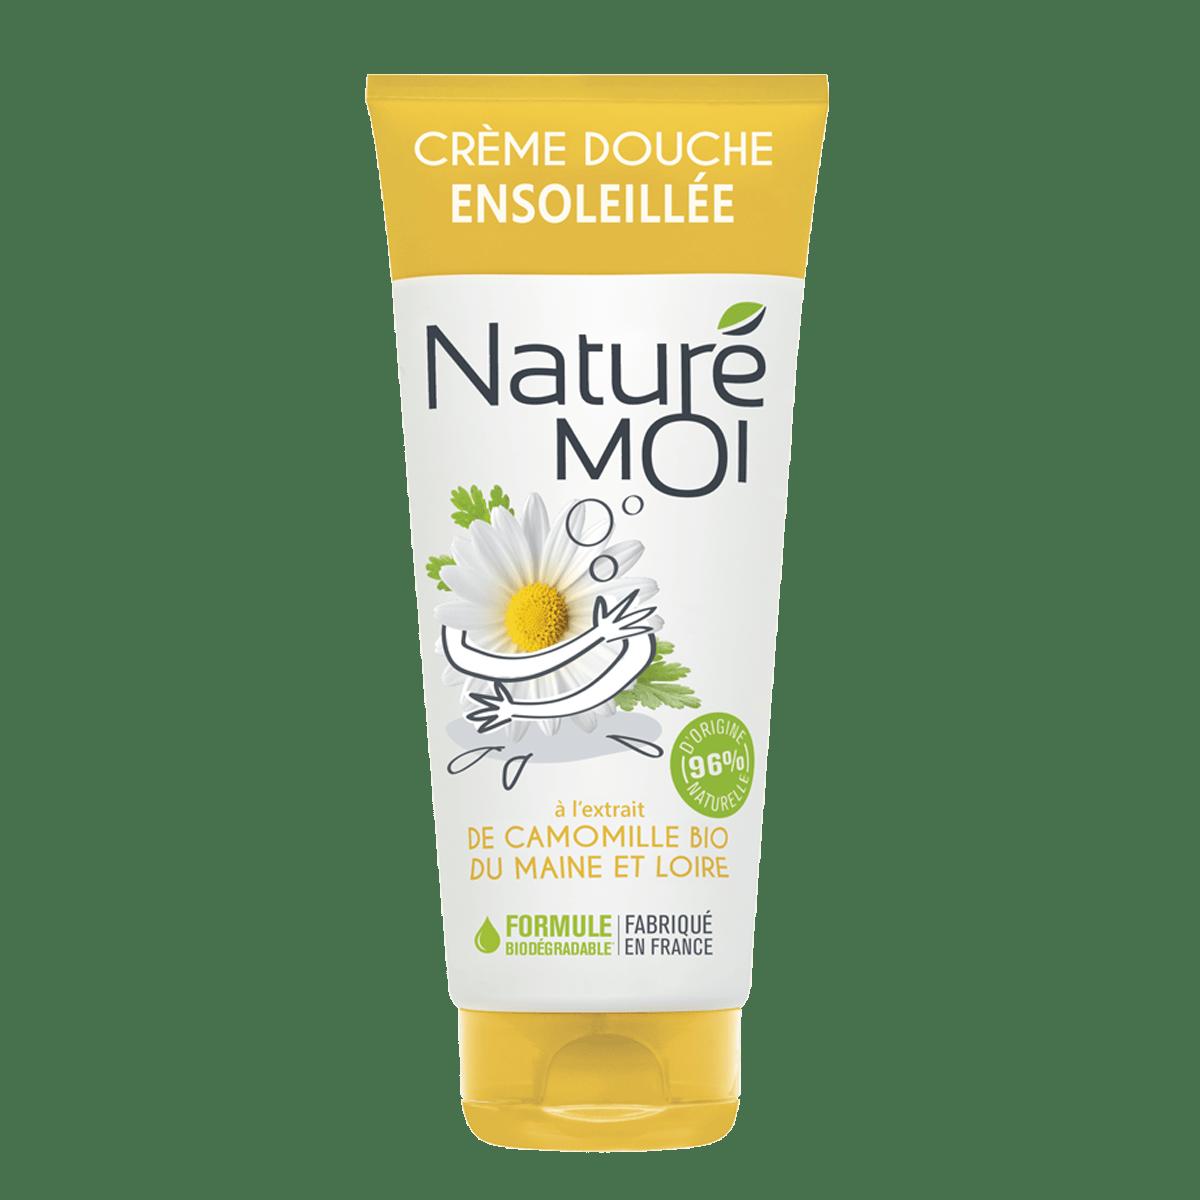 Crème Douche Ensoleillée à la camomille BIO du Maine et Loire